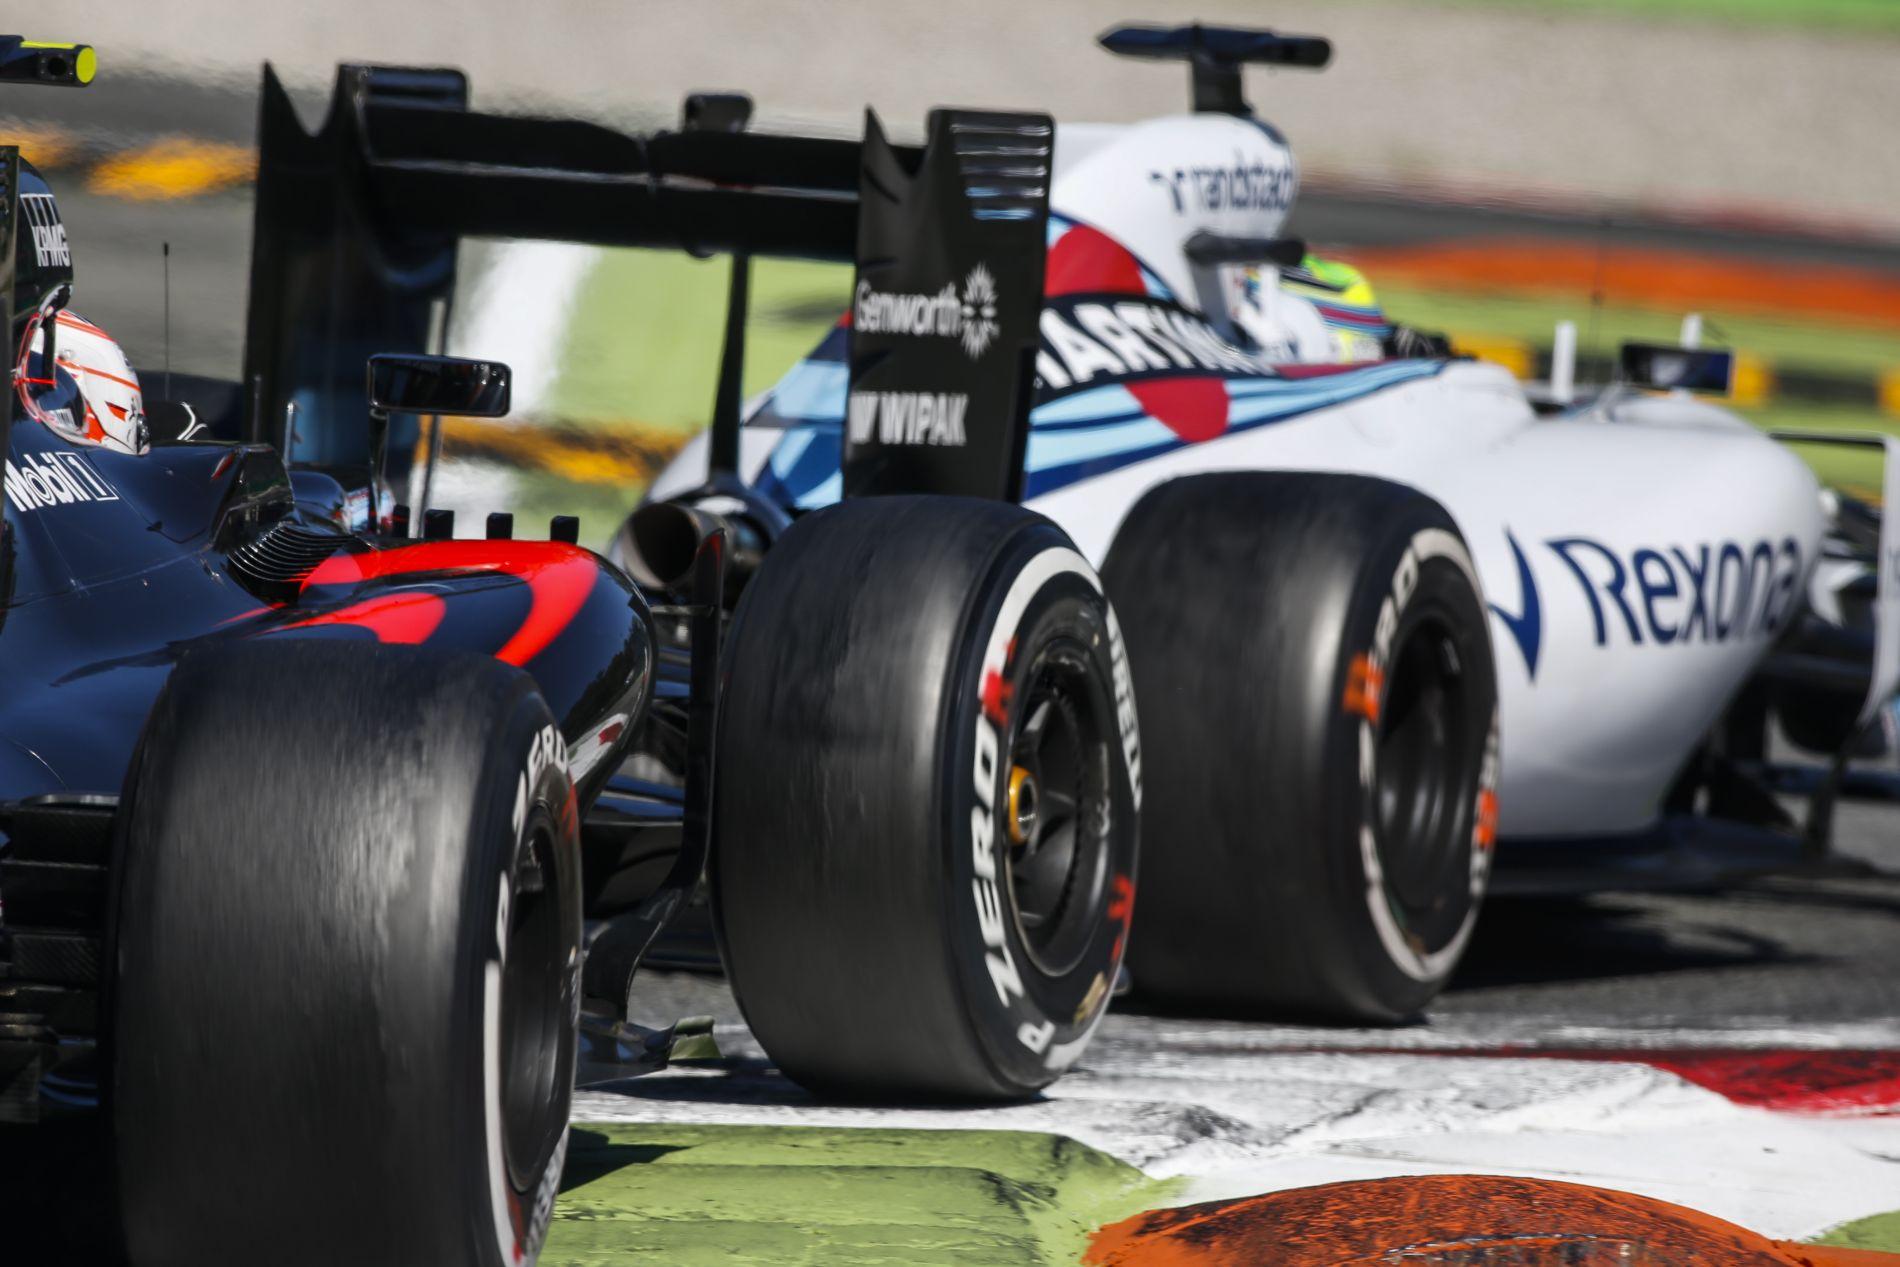 Bekeményít a Pirelli: rendkívül magas guminyomást lőttek be Szuzukára